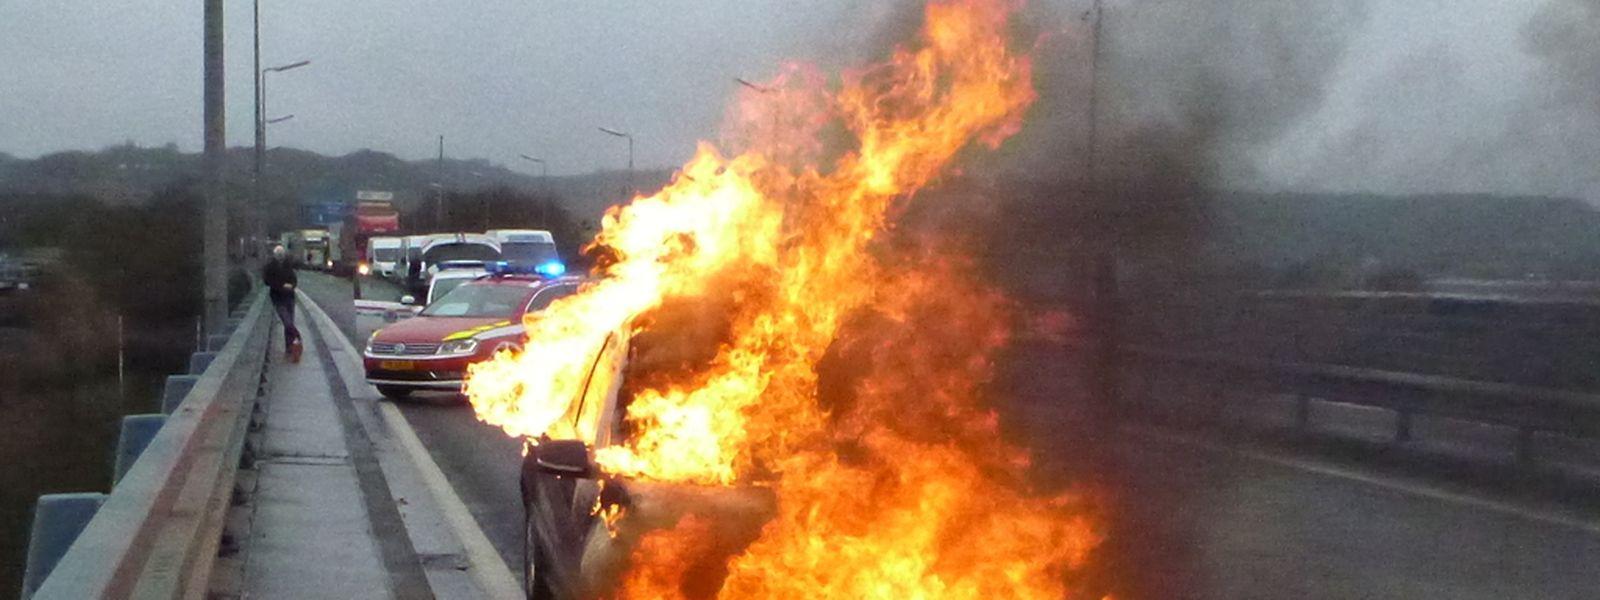 Kurz vor 11.00 Uhr brannte dieses Fahrzeug auf der A1 lichterloh.